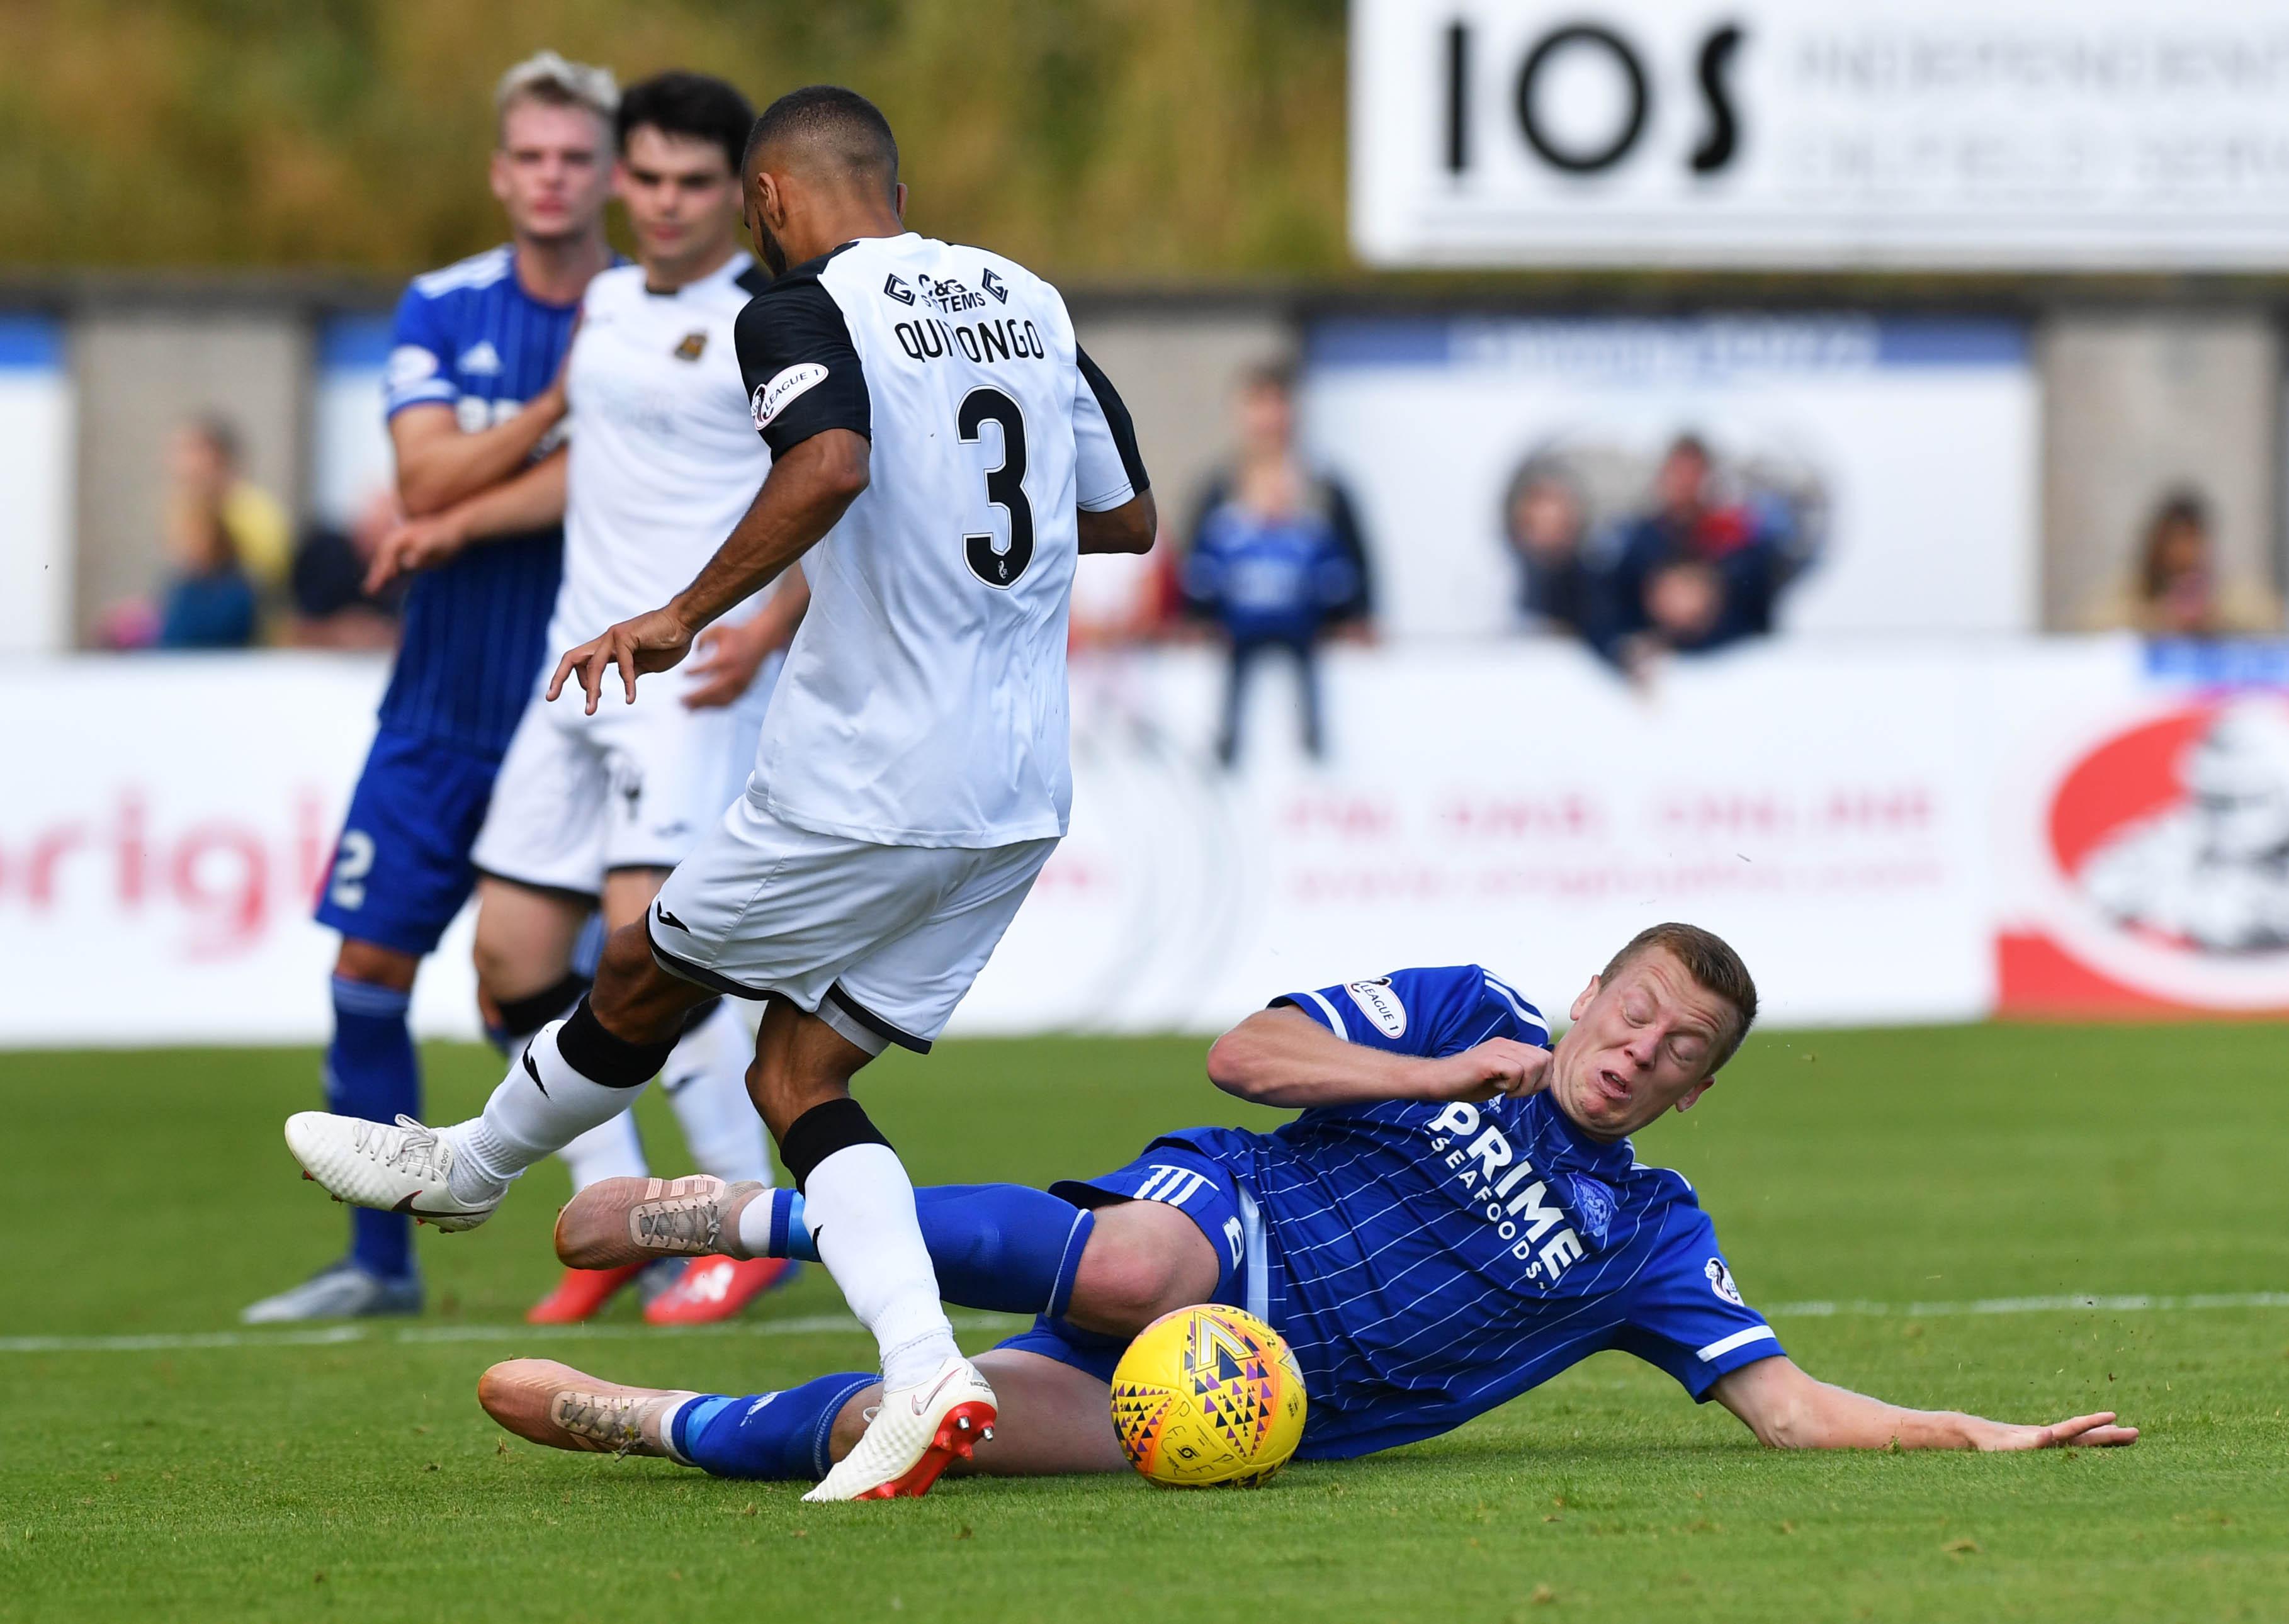 Scott Brown in action against Dumbarton.